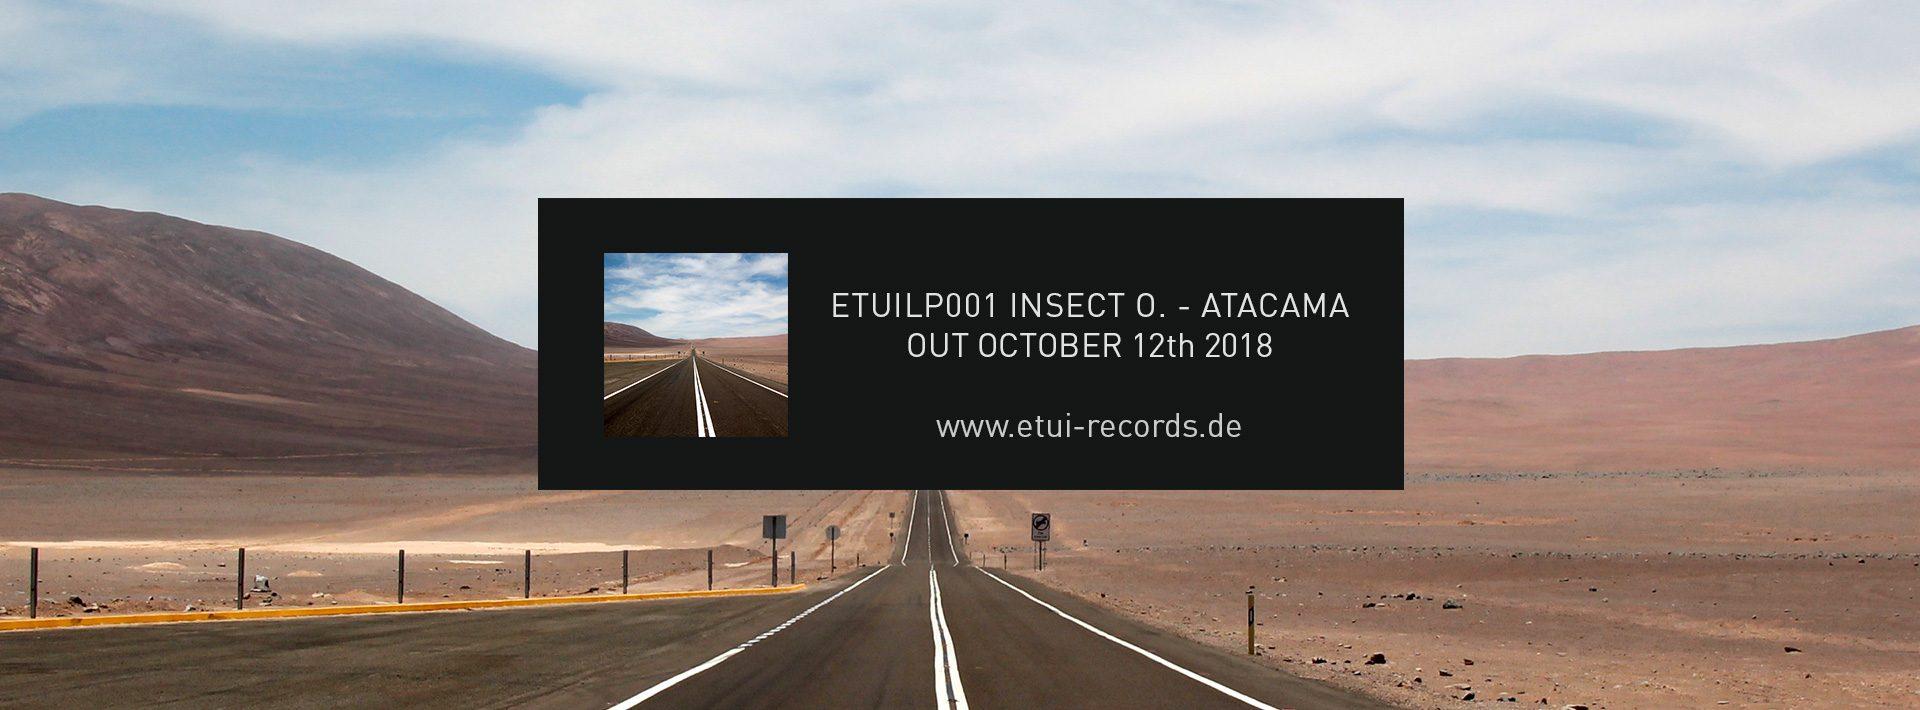 ETUI Records